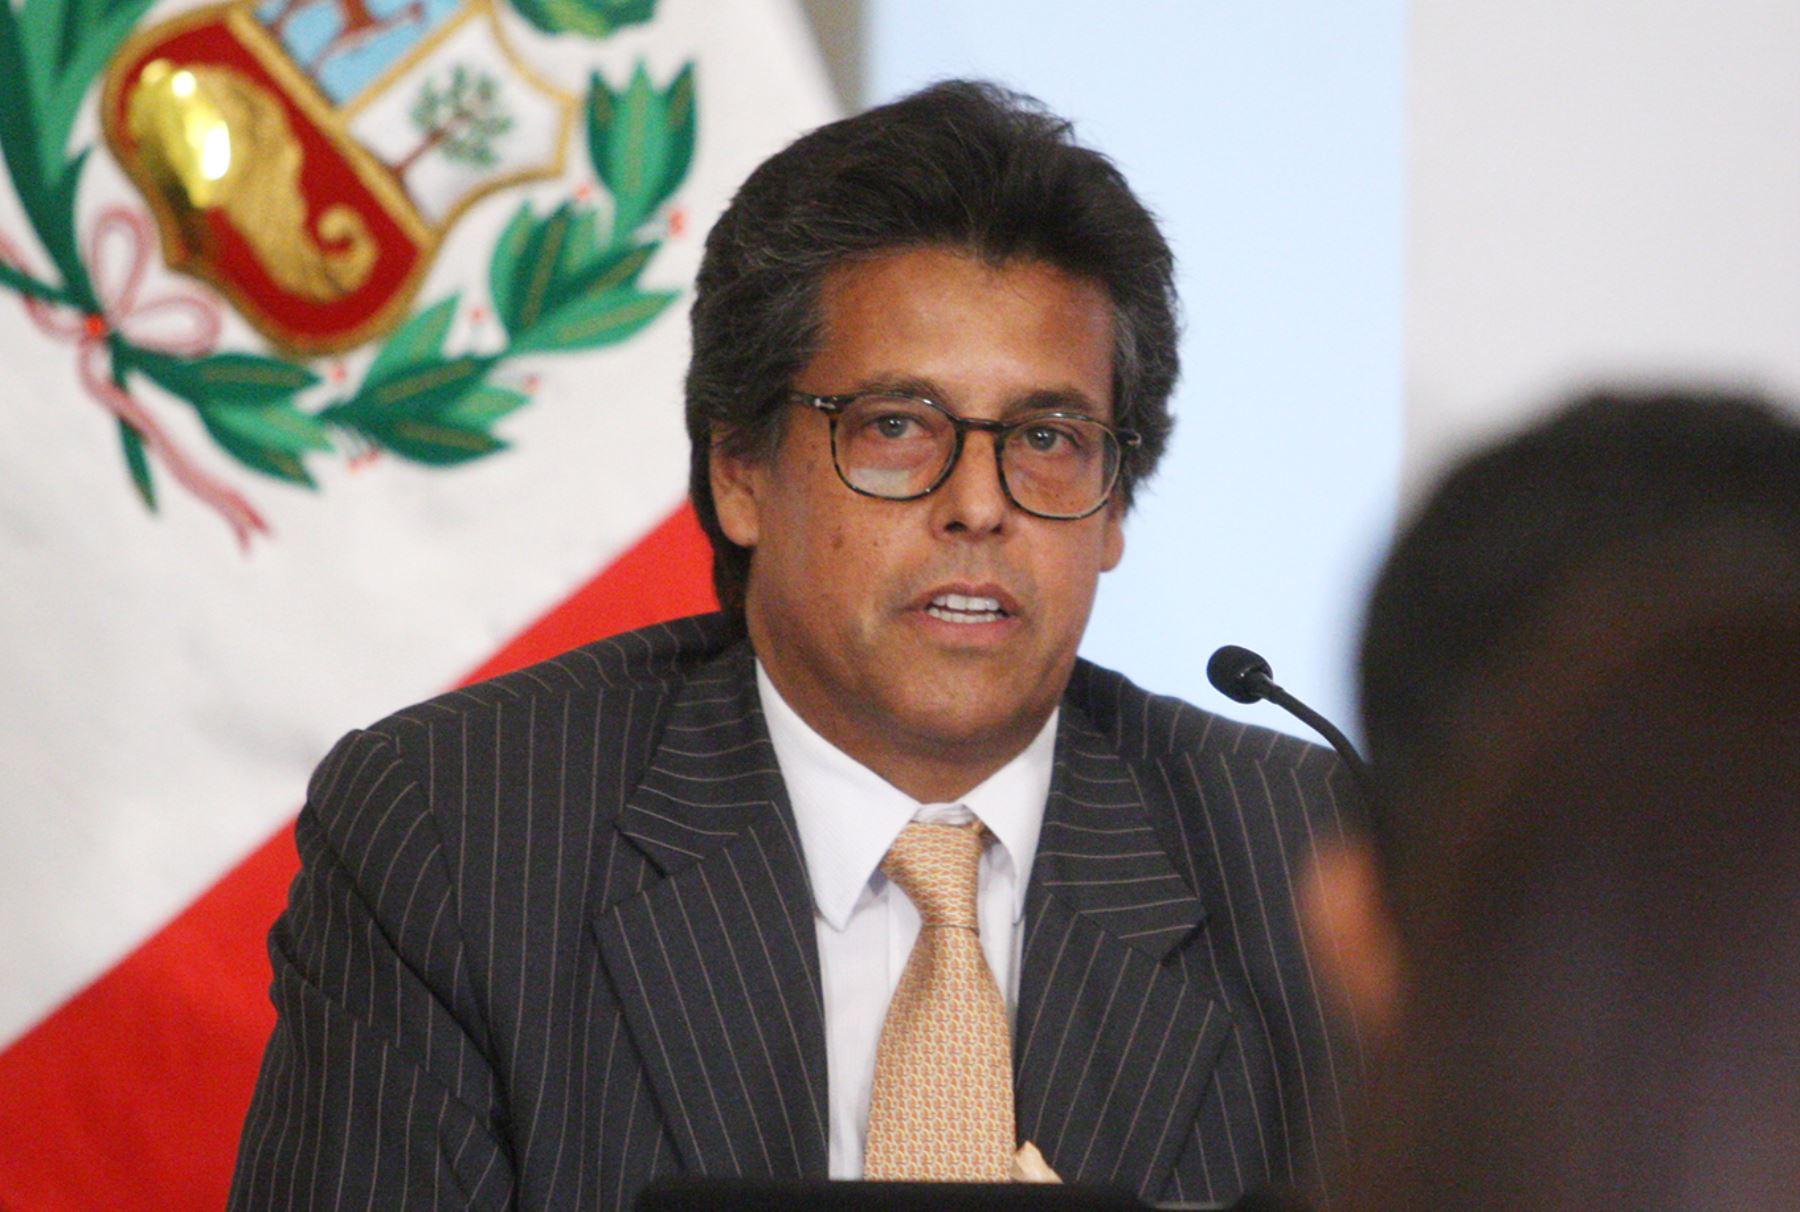 Director Ejecutivo de ProInversión, Álvaro Quijandría. ANDINA/Melina Mejía